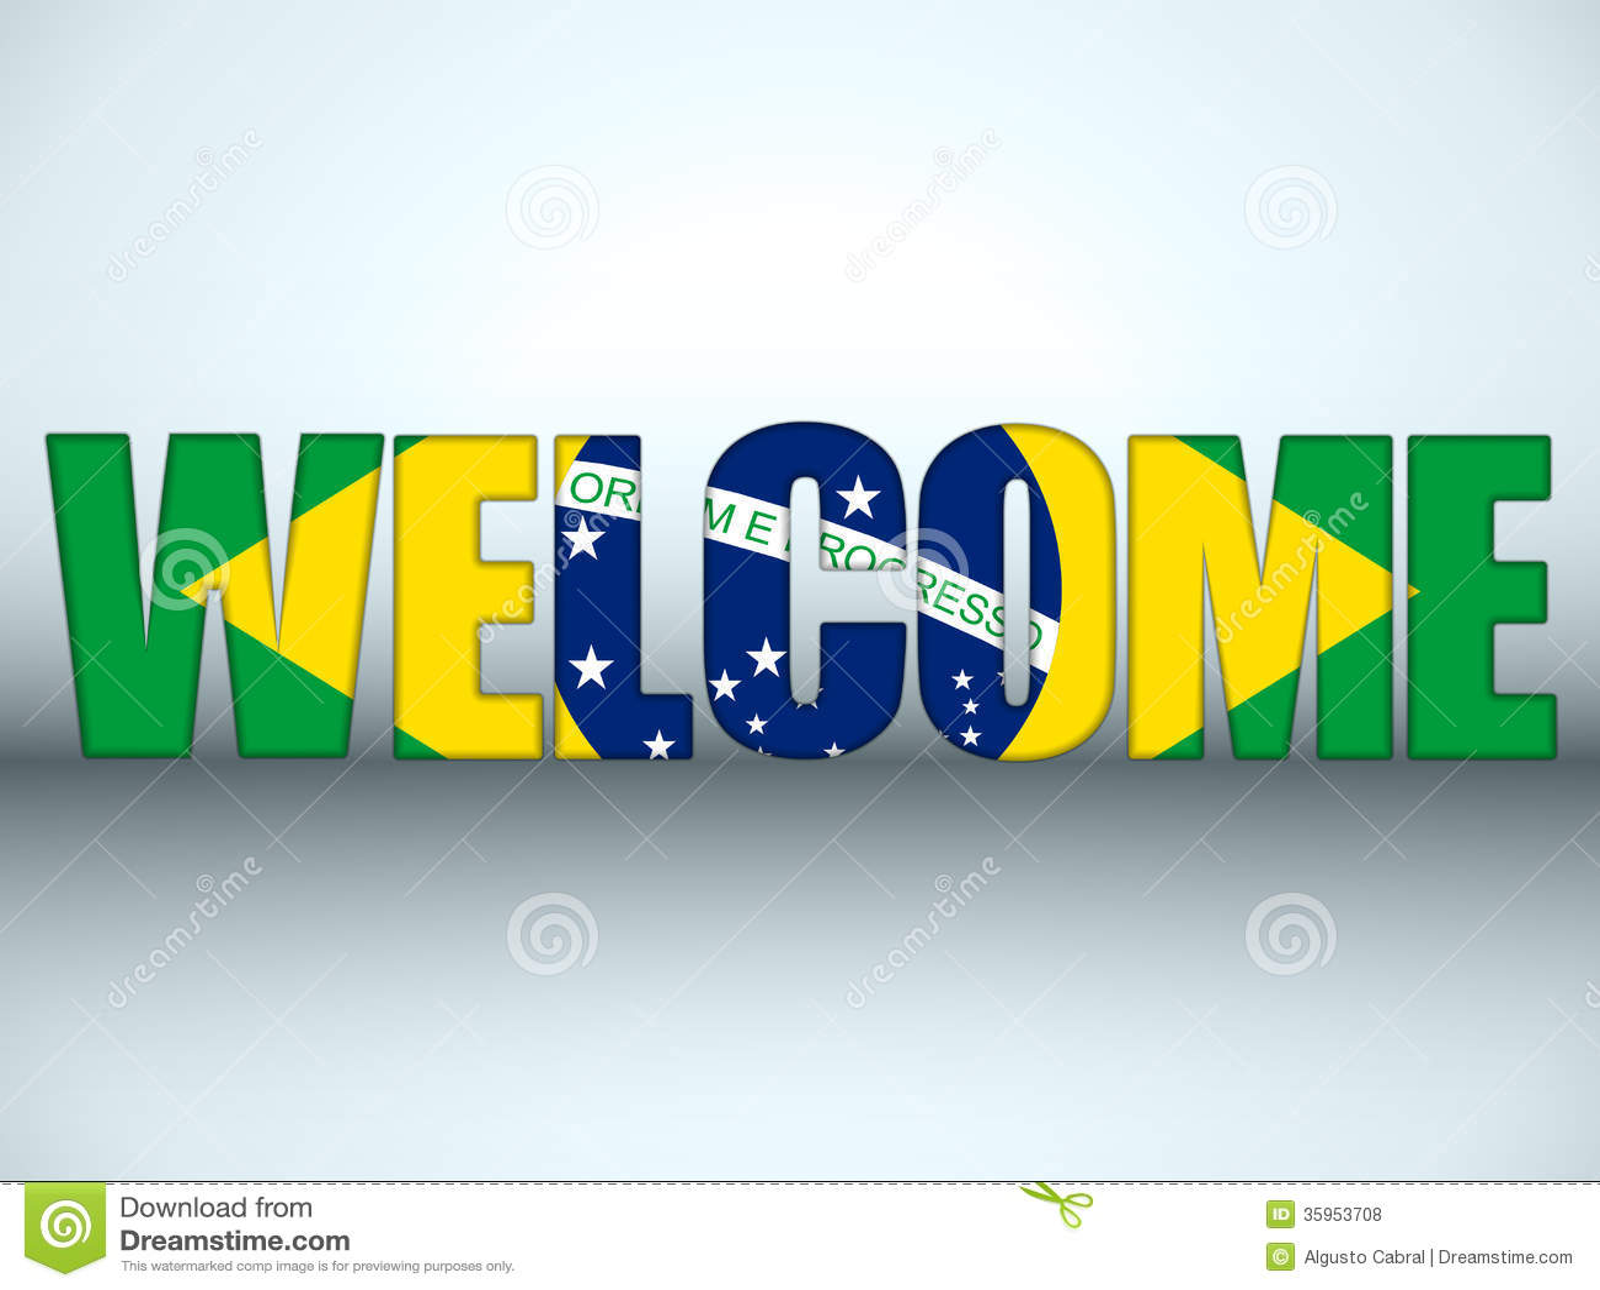 El fútbol de la recepción de la bandera del Brasil pone letras al fondo